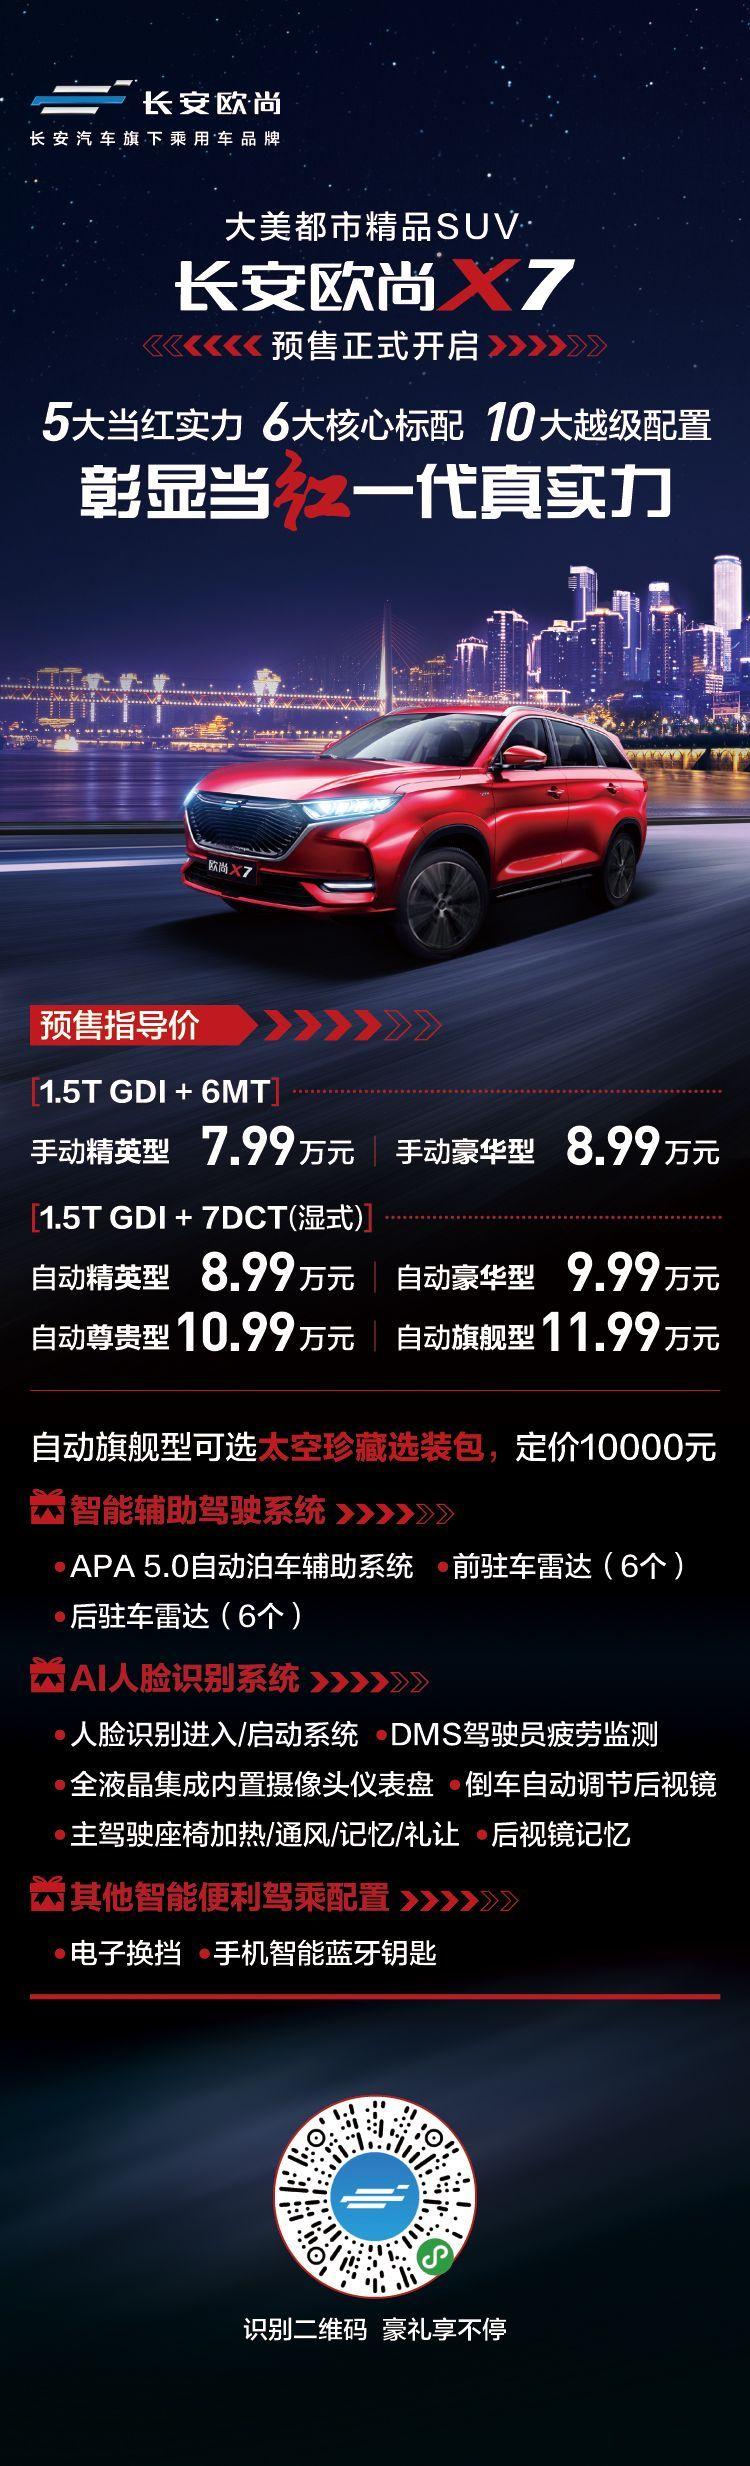 7.99万起 预售期订车享终身免费基础保养及质保 长安欧尚X7要弄啥